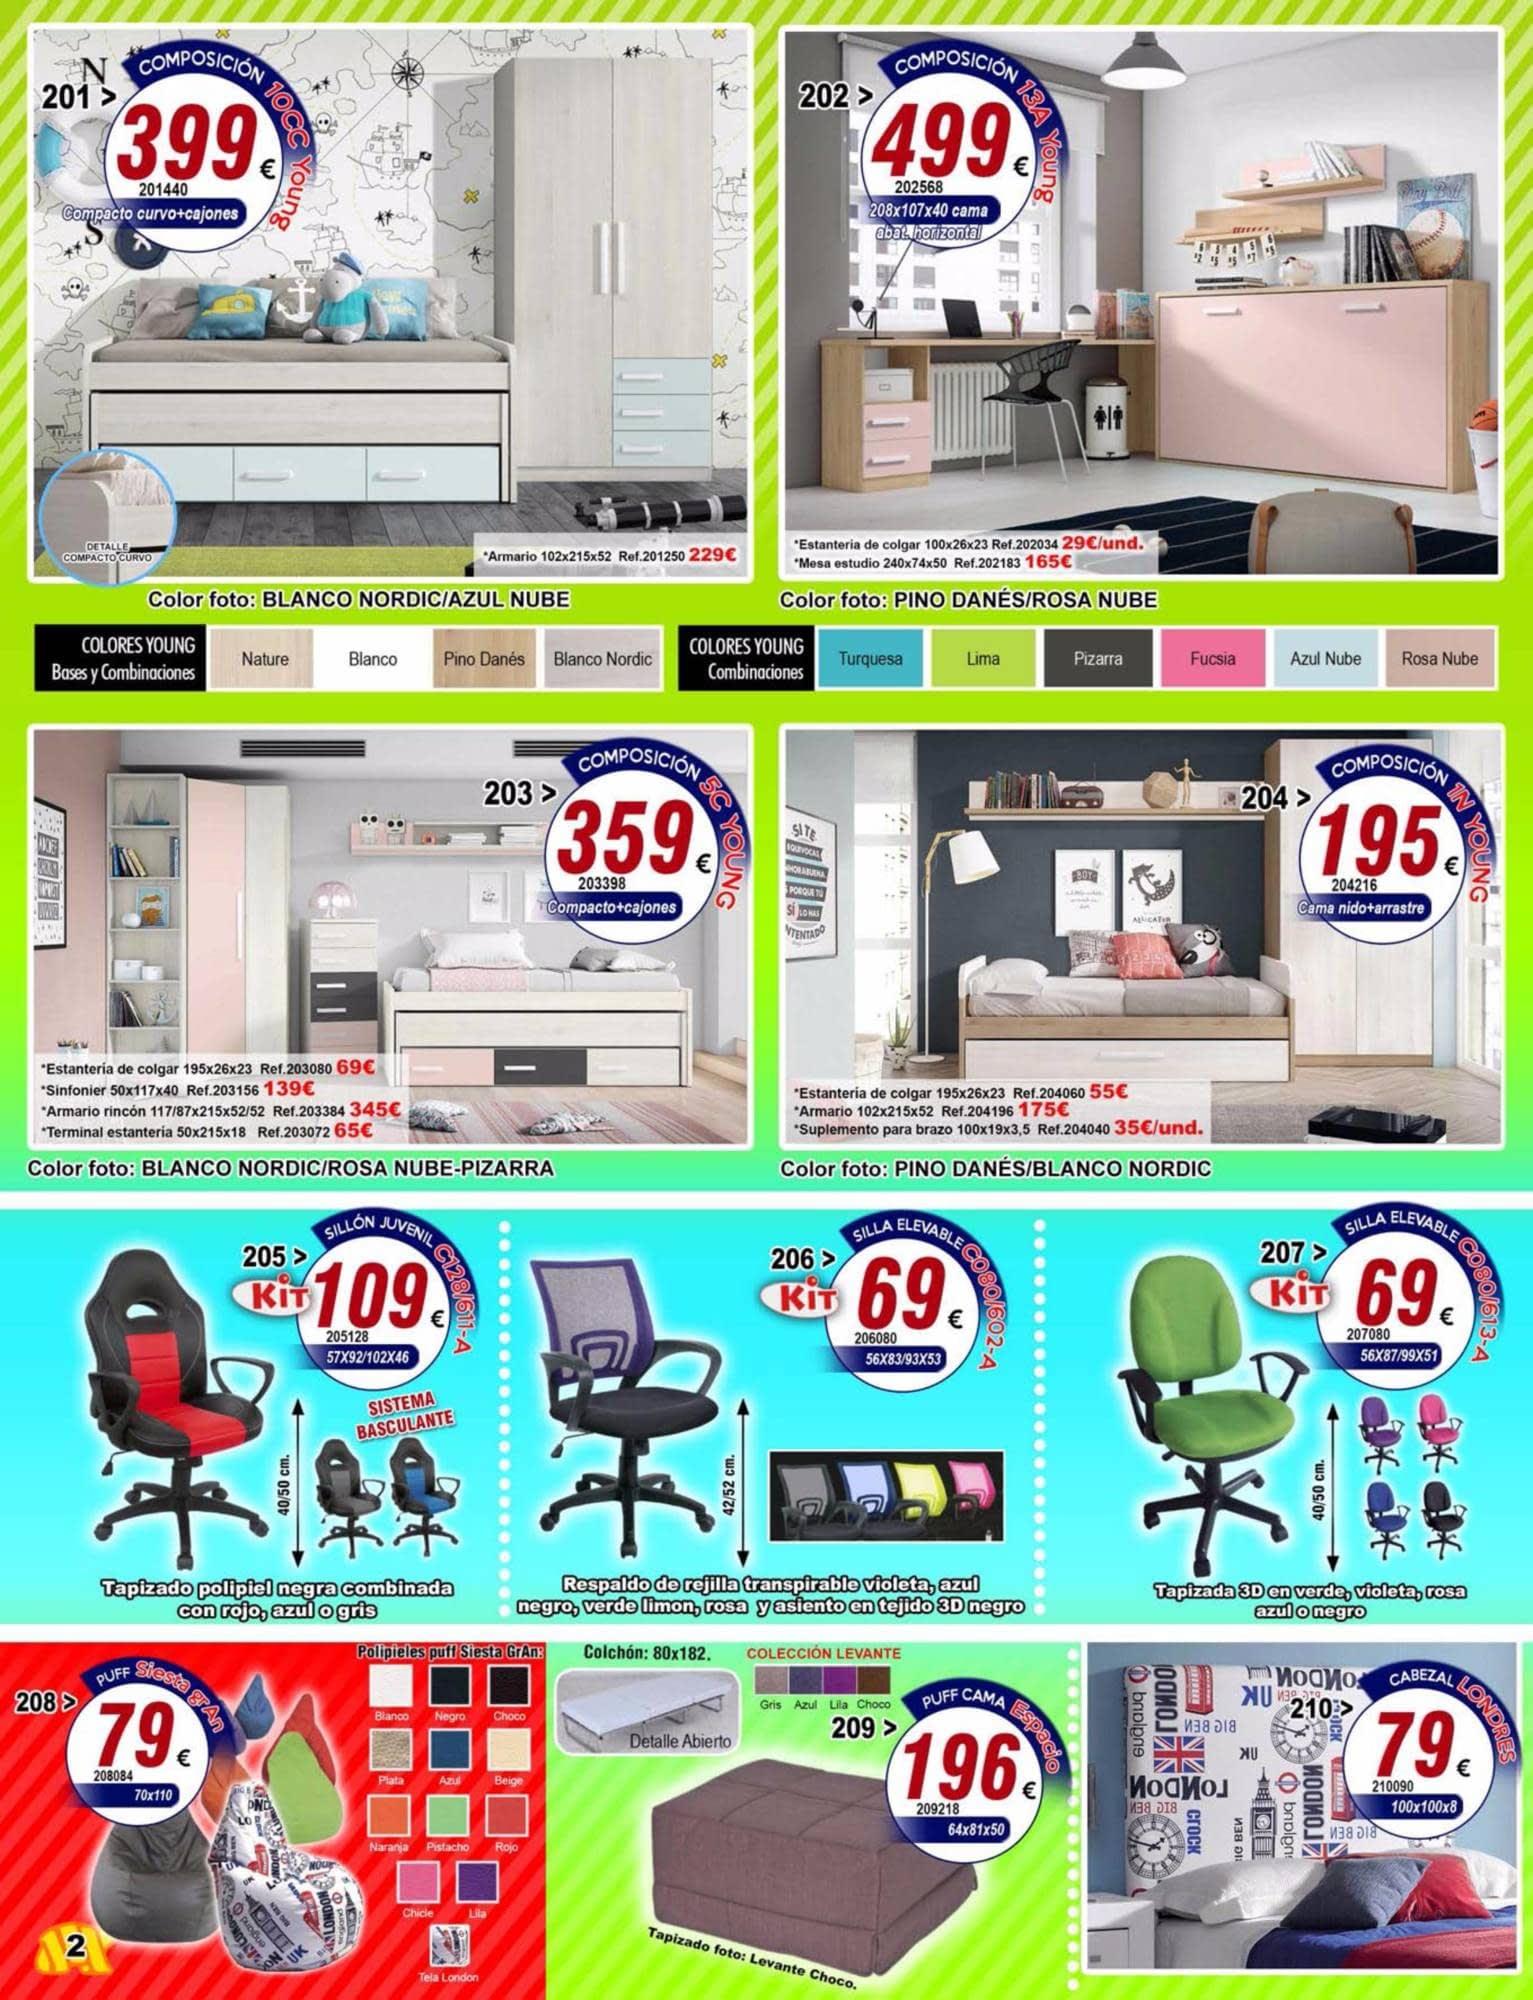 Noticias Muebles Mart Nez Tienda De Muebles En Segorbe  # Muebles Martinez